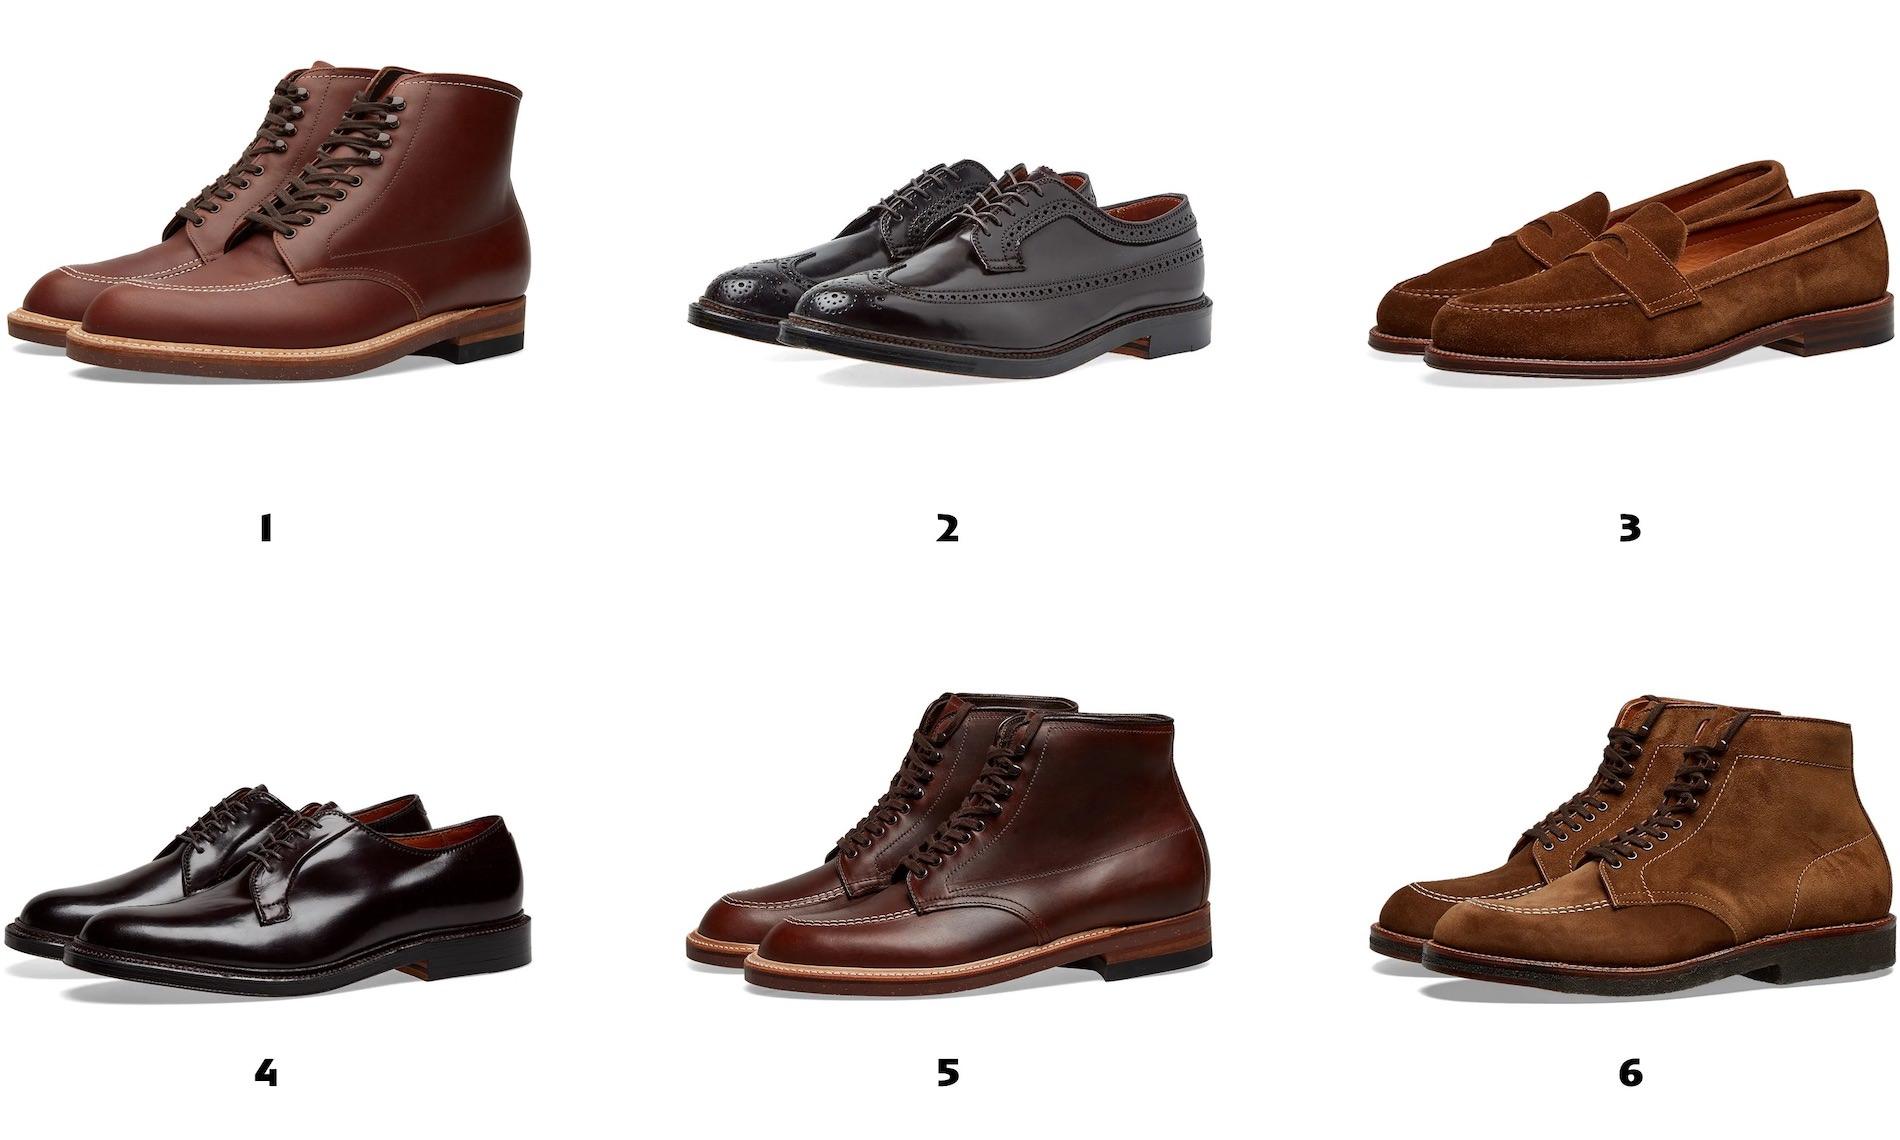 meilleures chaussures alden pour homme